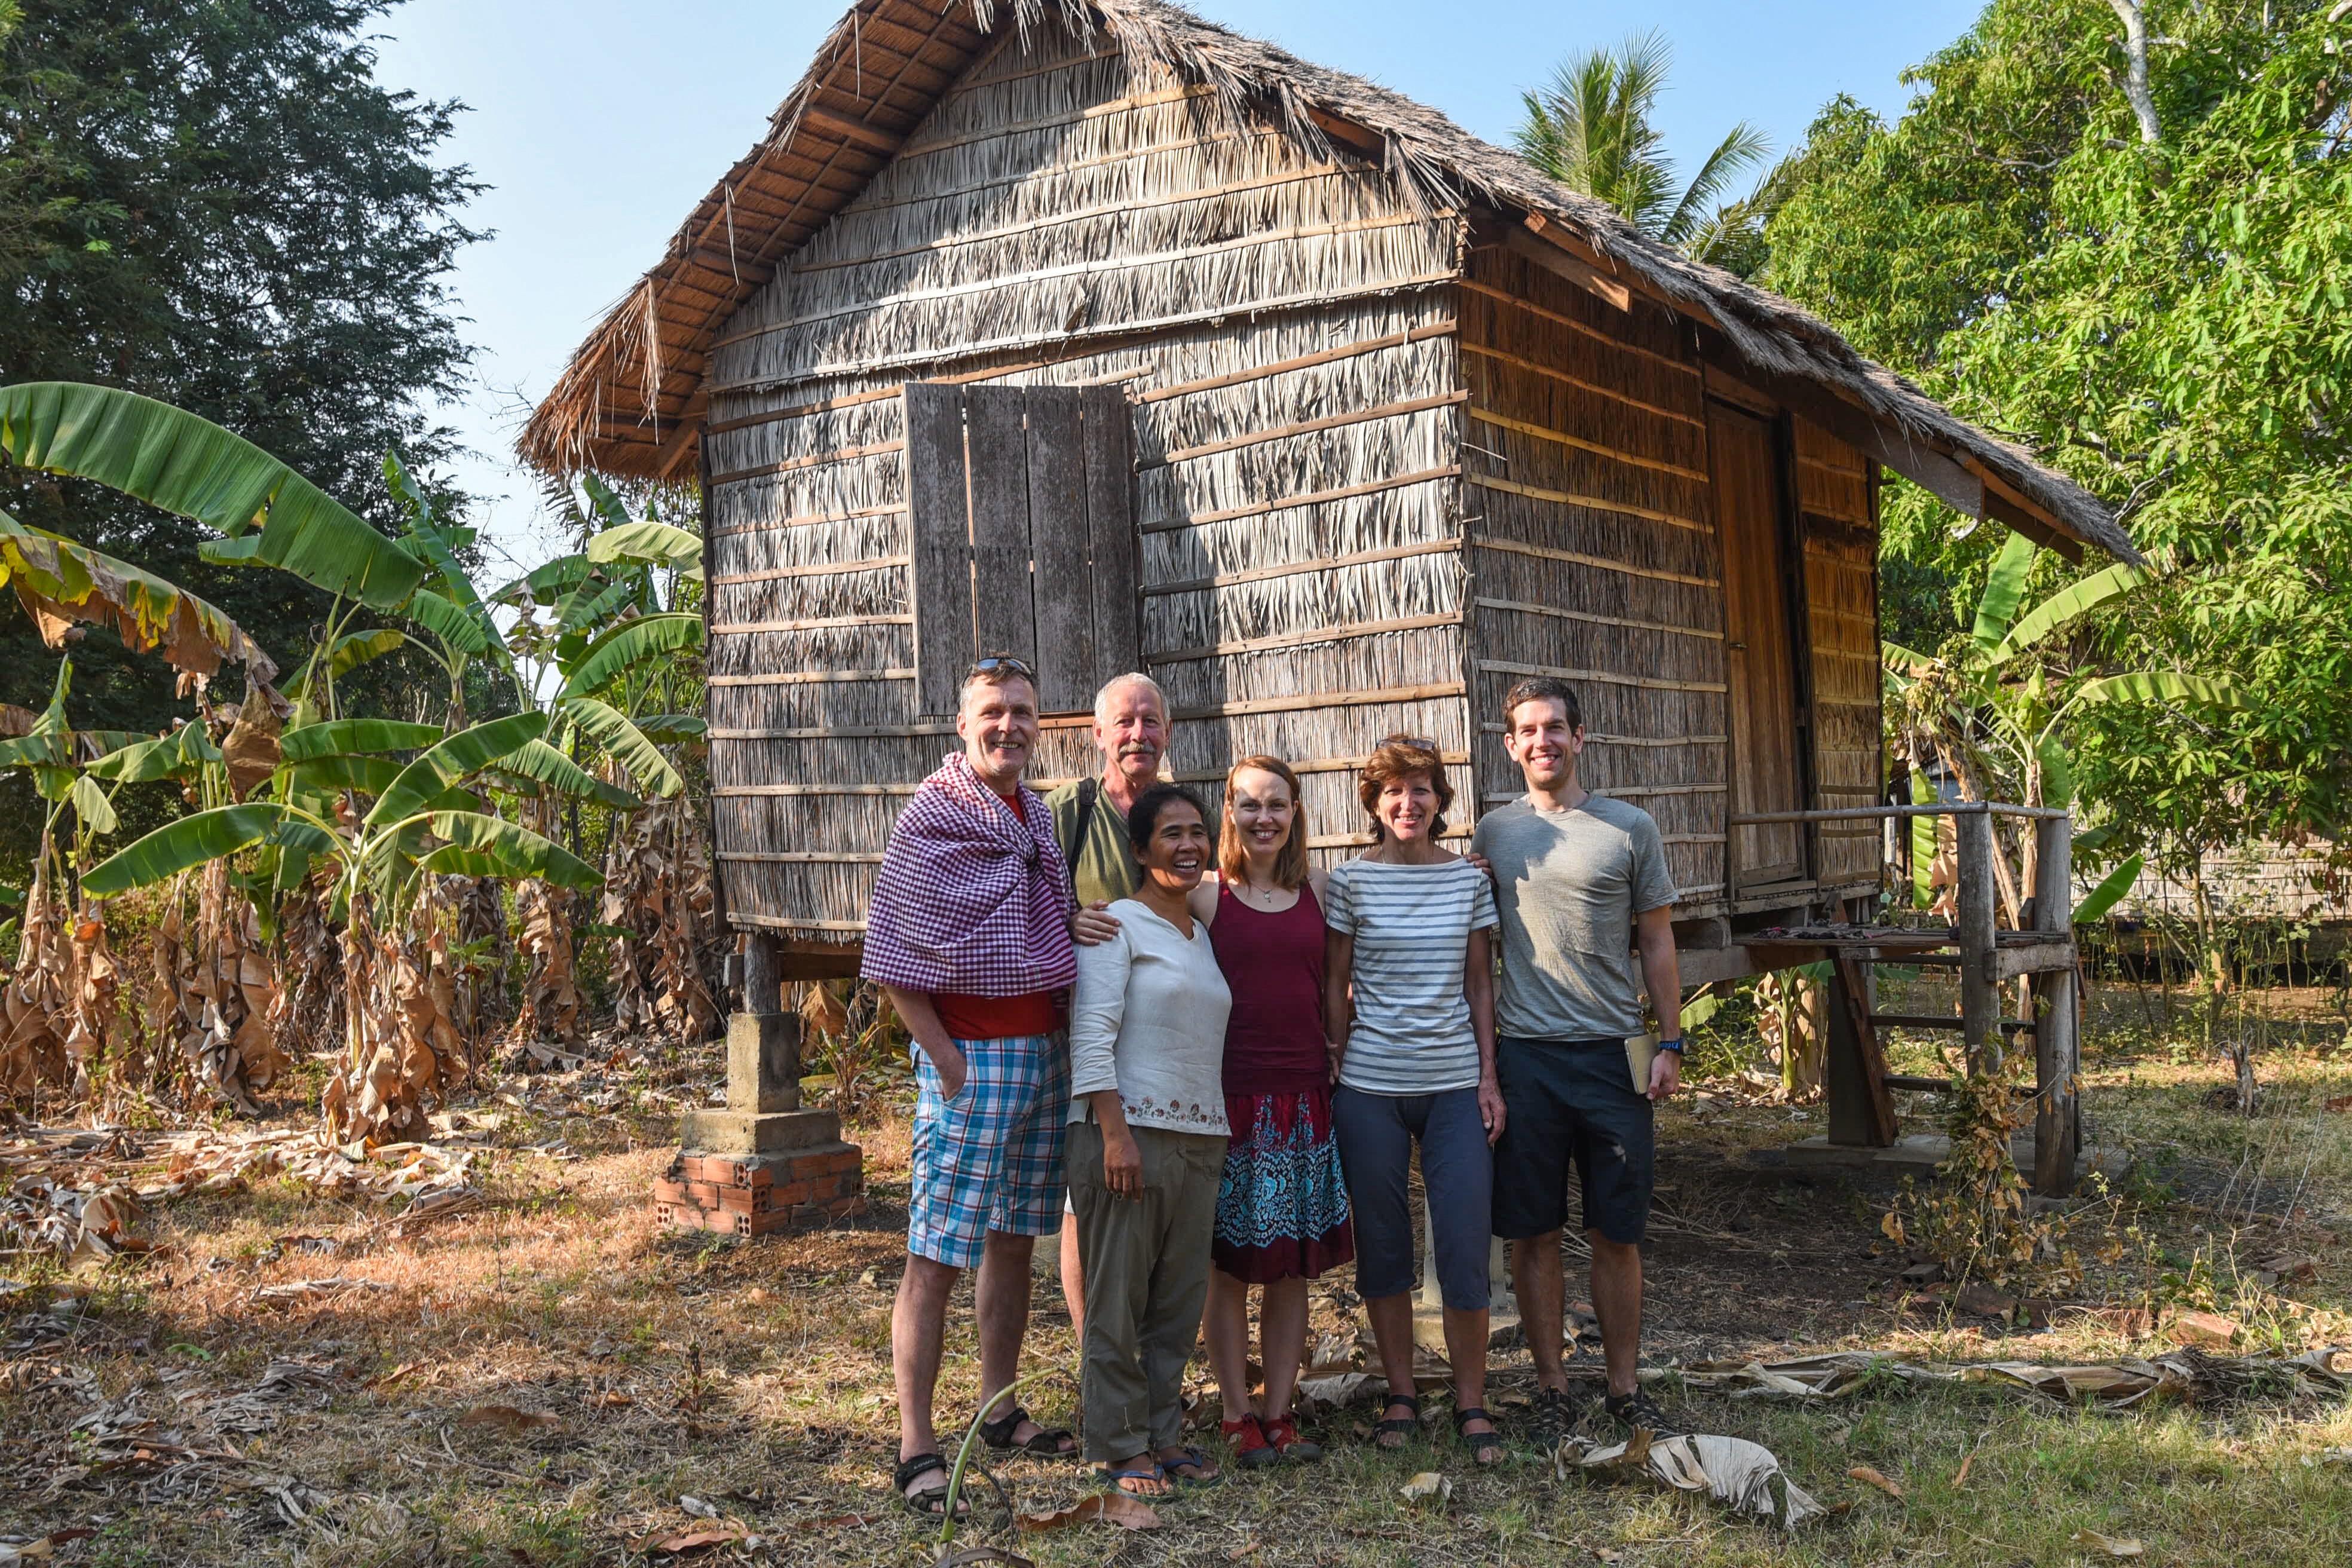 Rana homestay – Cambodia village life | Martin & Adel travel